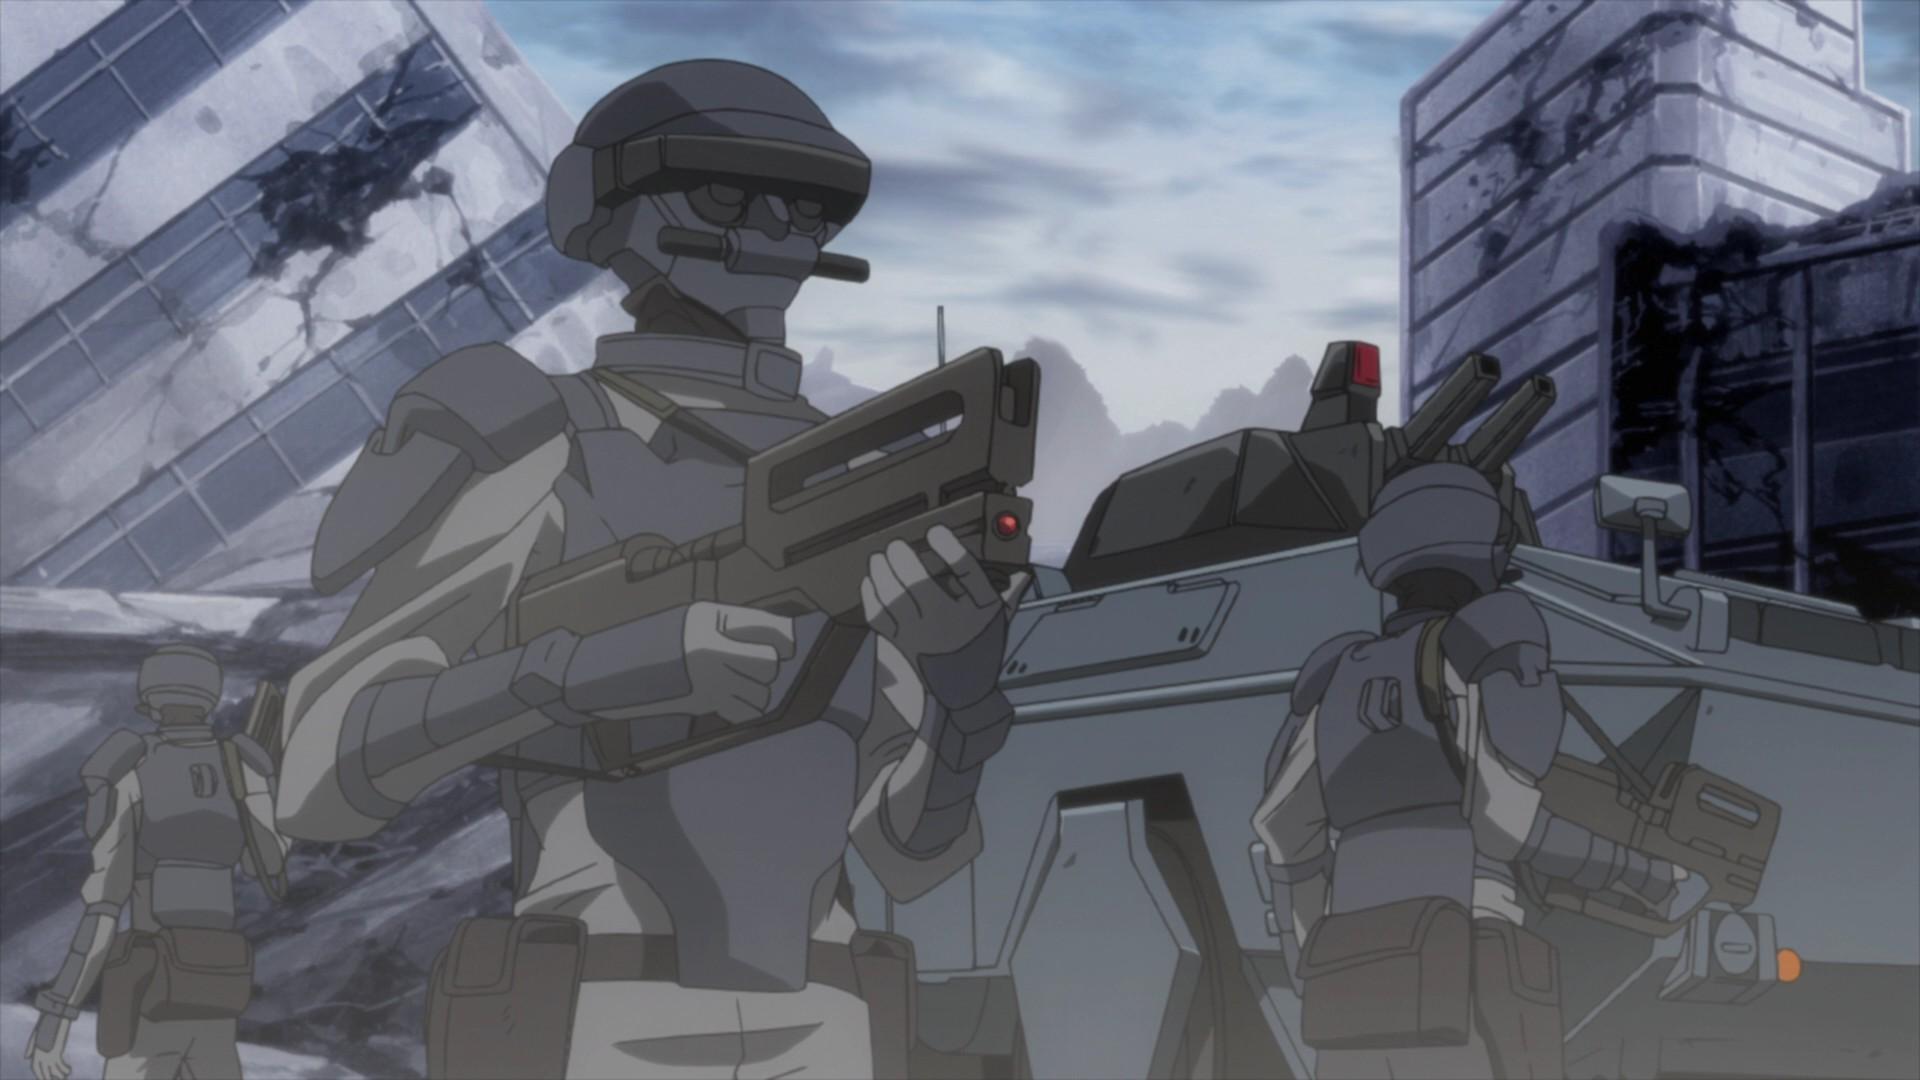 Britannian Ground Force